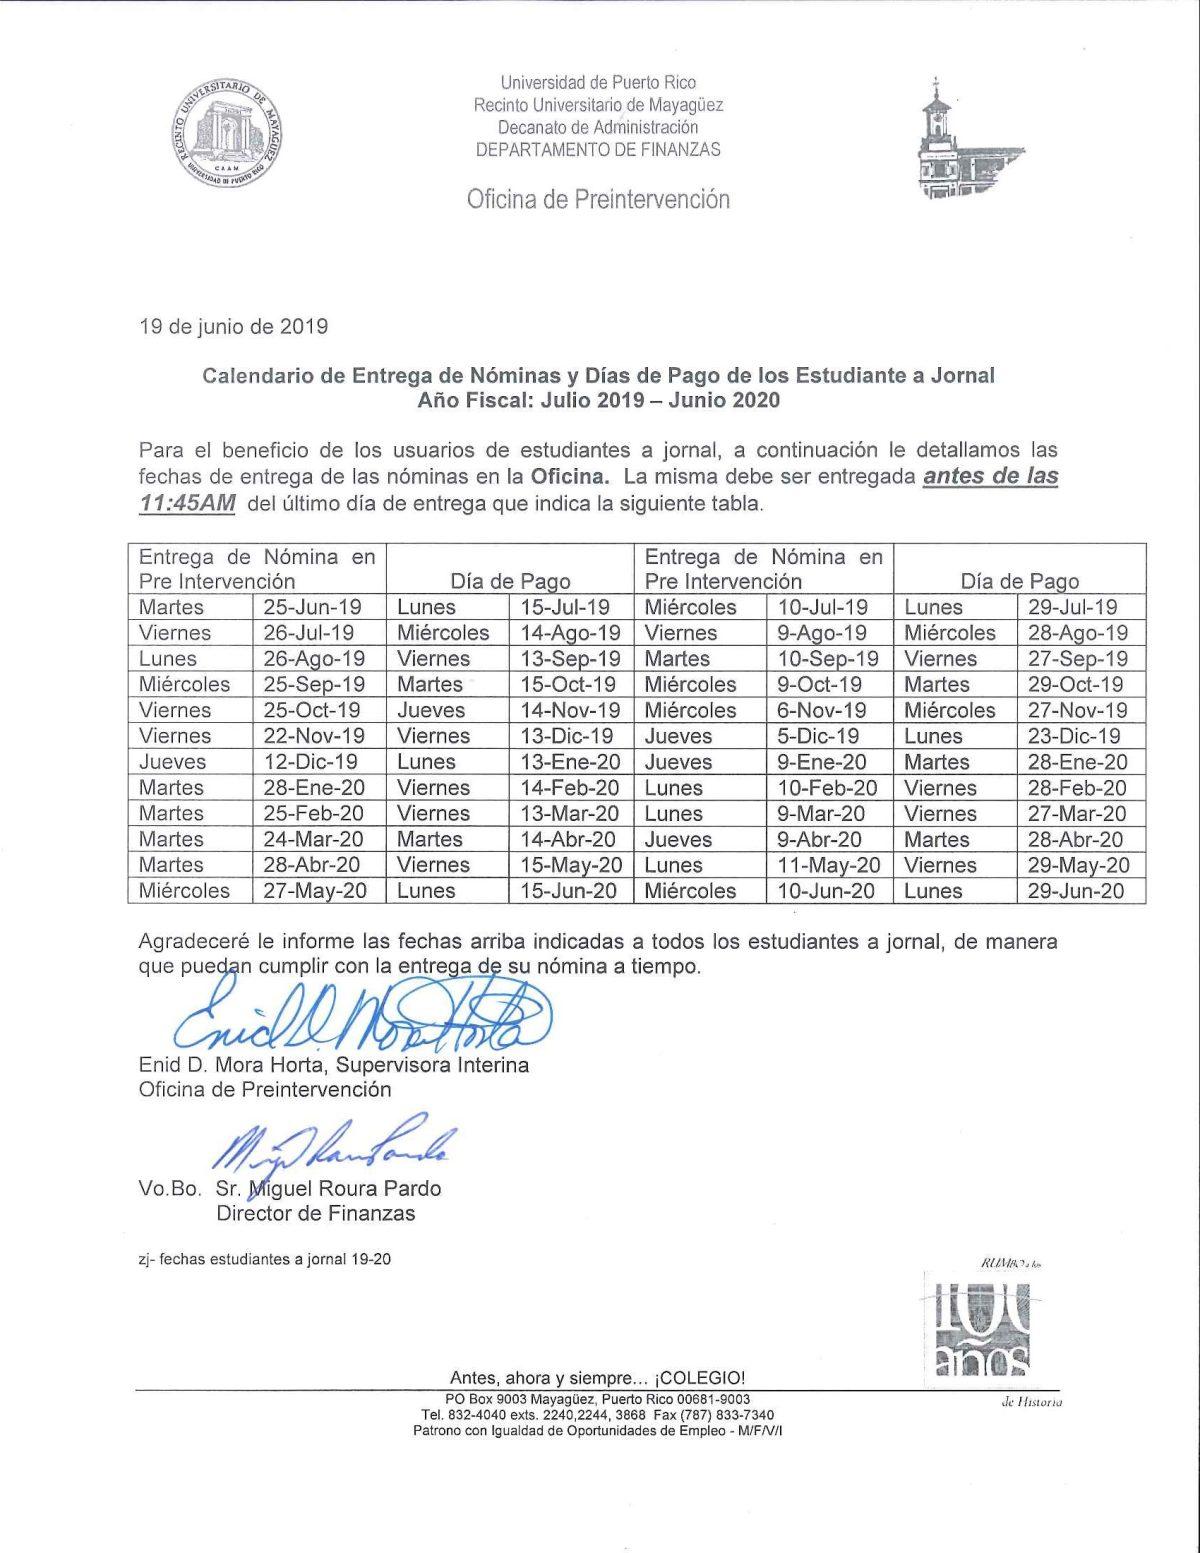 Calendario Junio Julio 2020.Calendario De Entregas De Nomina Y Dias De Pago Julio 2019 Junio